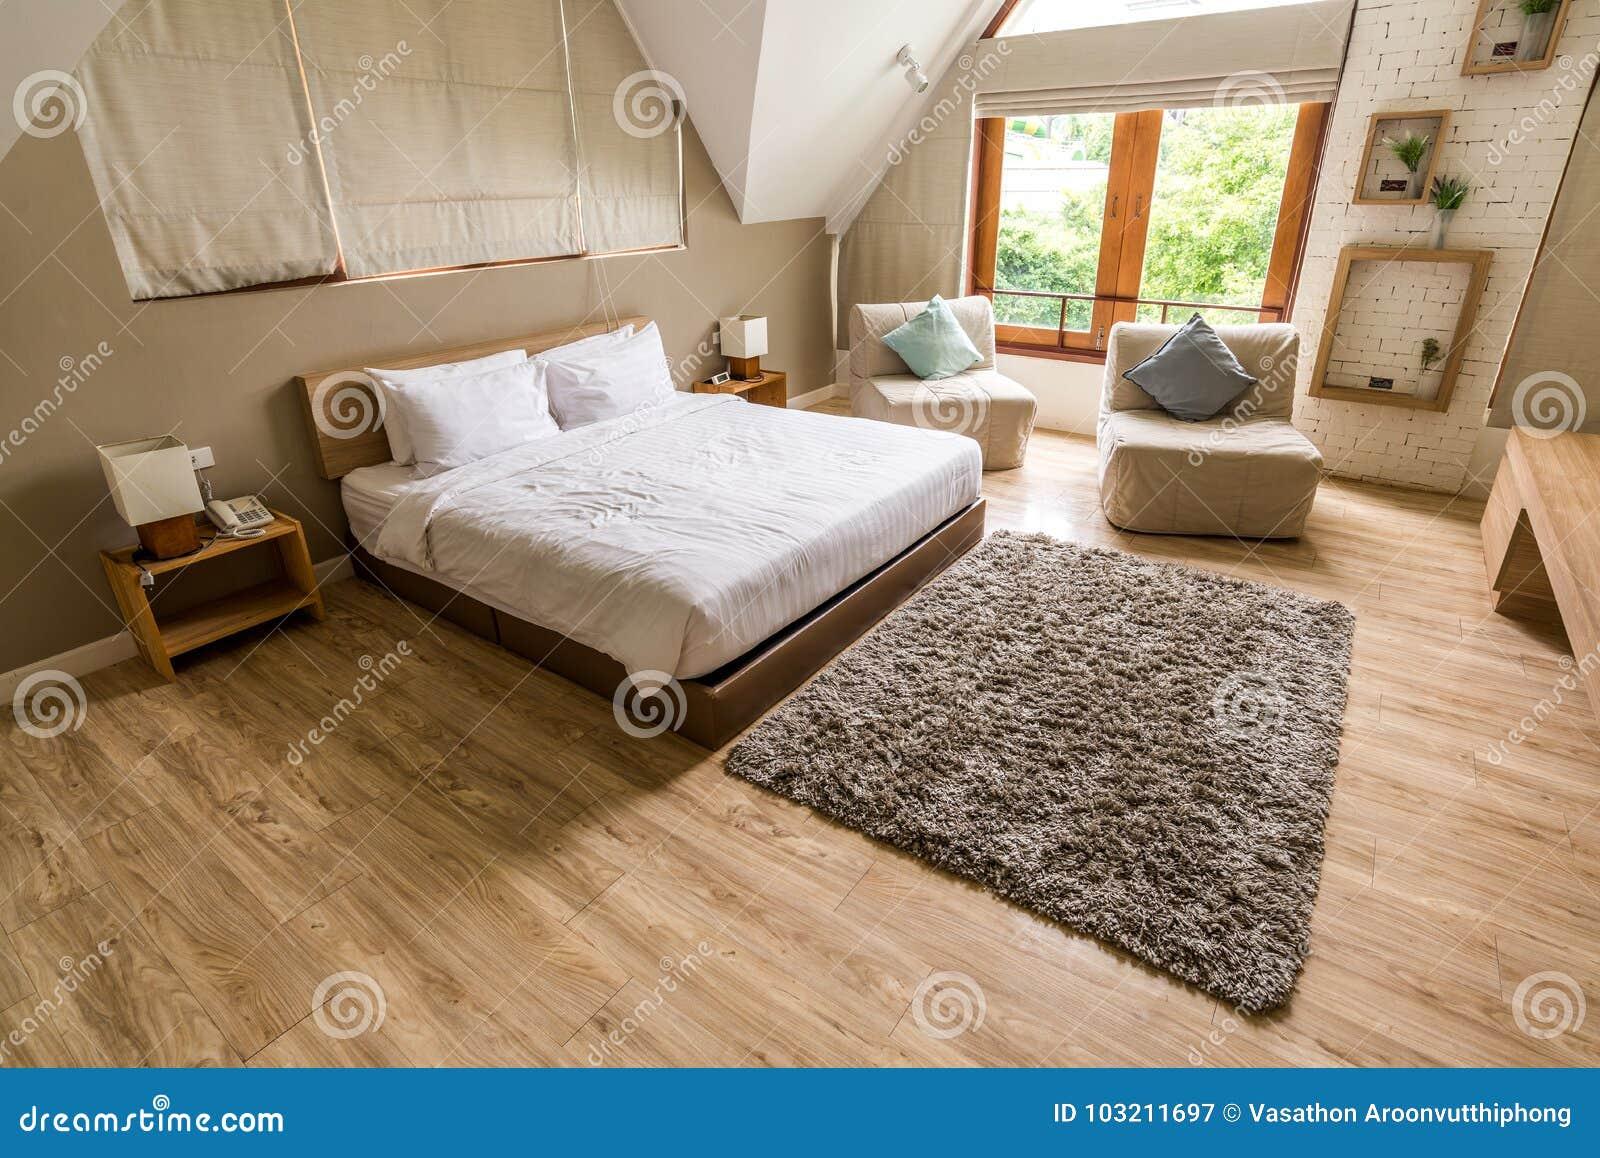 Holzfußboden Schlafzimmer ~ Modernes weißes schlafzimmer auf holzfußboden stockbild bild von